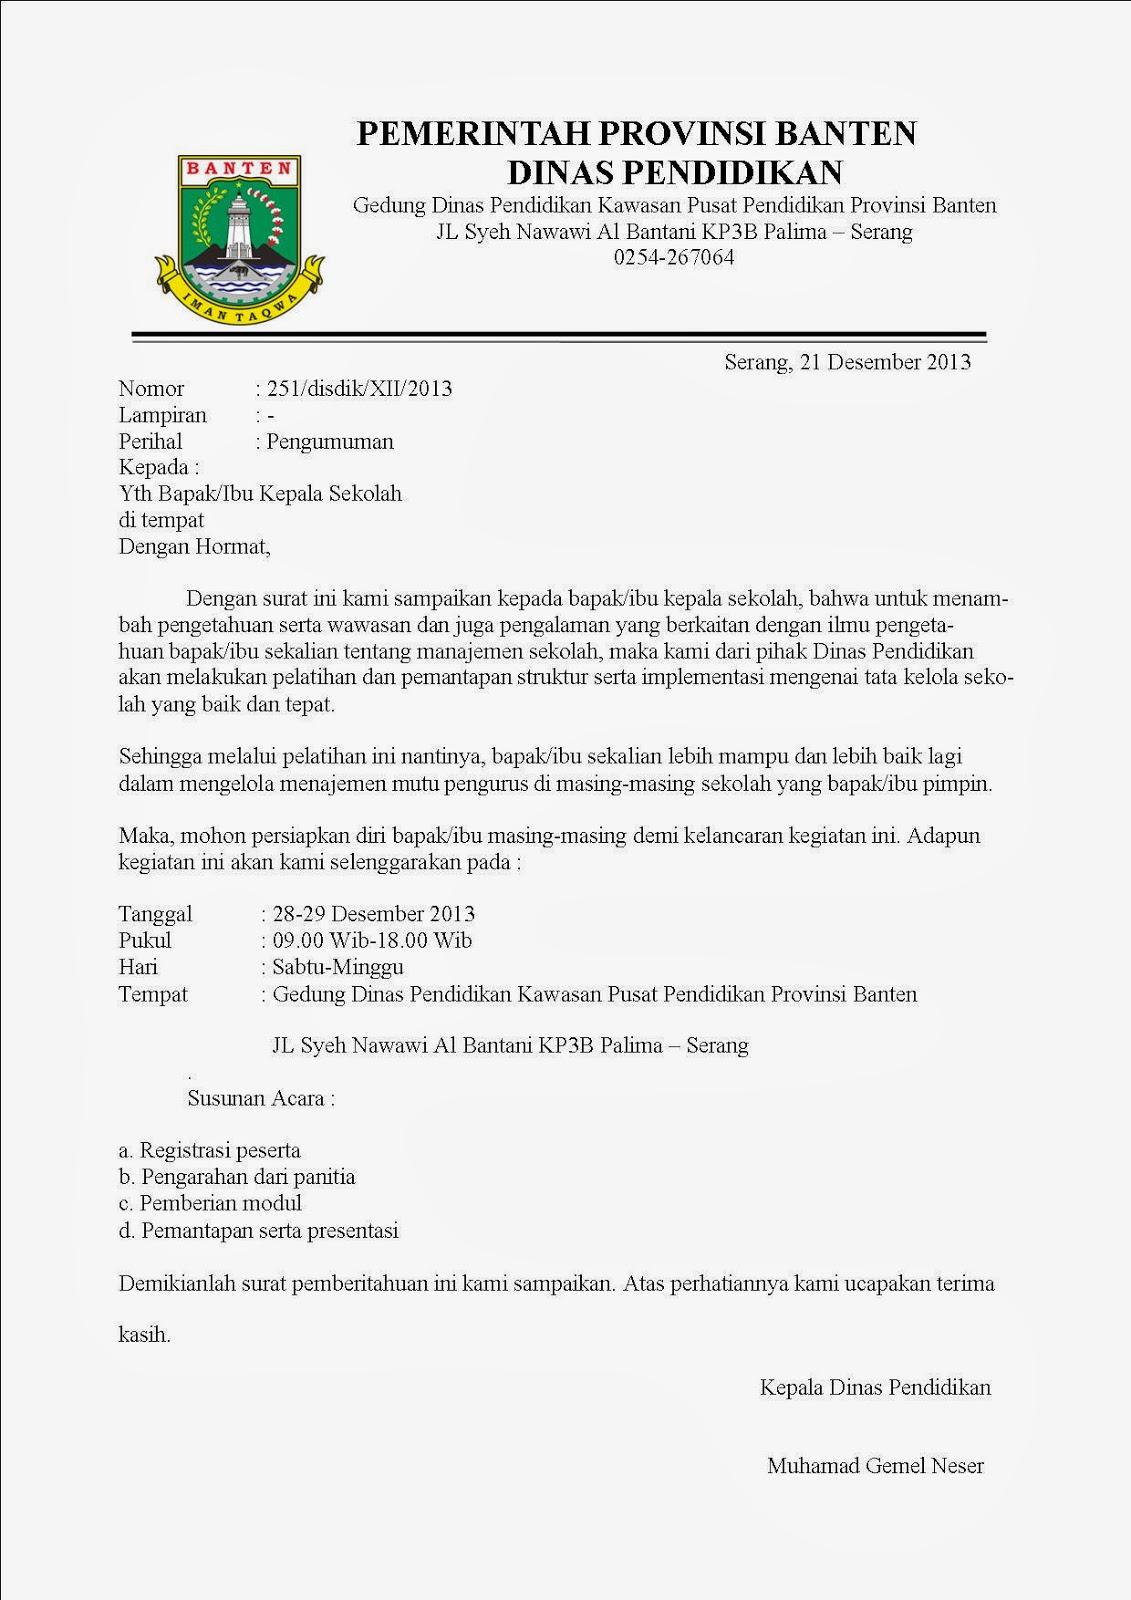 Pendaftaran Cpns 2013 Kaltim Pendaftaran Cpns Online 2013 Agustus 2016 Terbaru Info 2013 183; Surat Tanya; Surat Yang Dikirimkan Oleh Pembeli Kepada